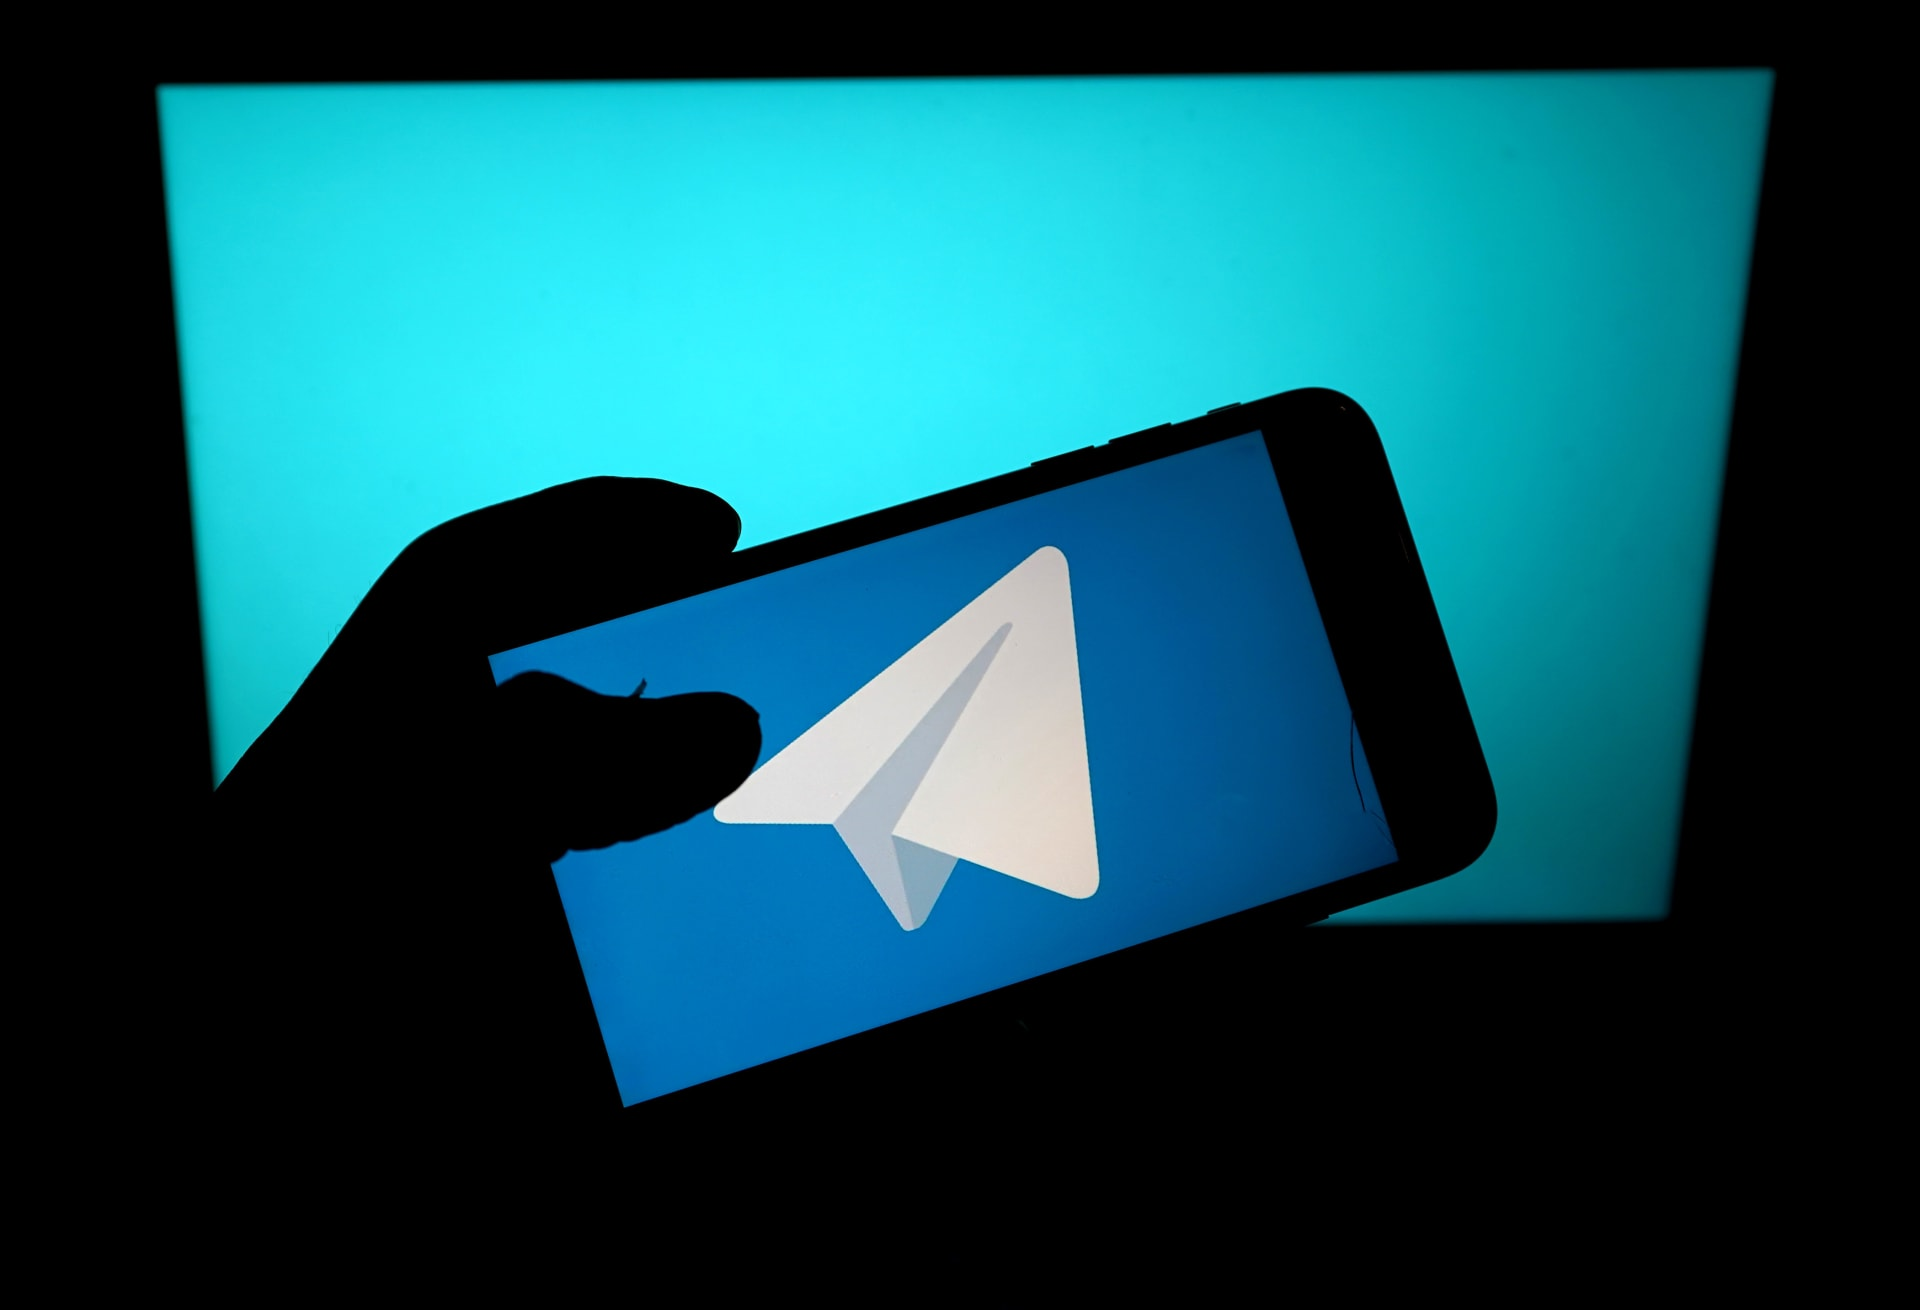 """تليغرام يطلق خدمة الرسائل الخاصة ذاتية الحذف.. و""""مجموعات البث"""" على غرار كلوب هاوس"""